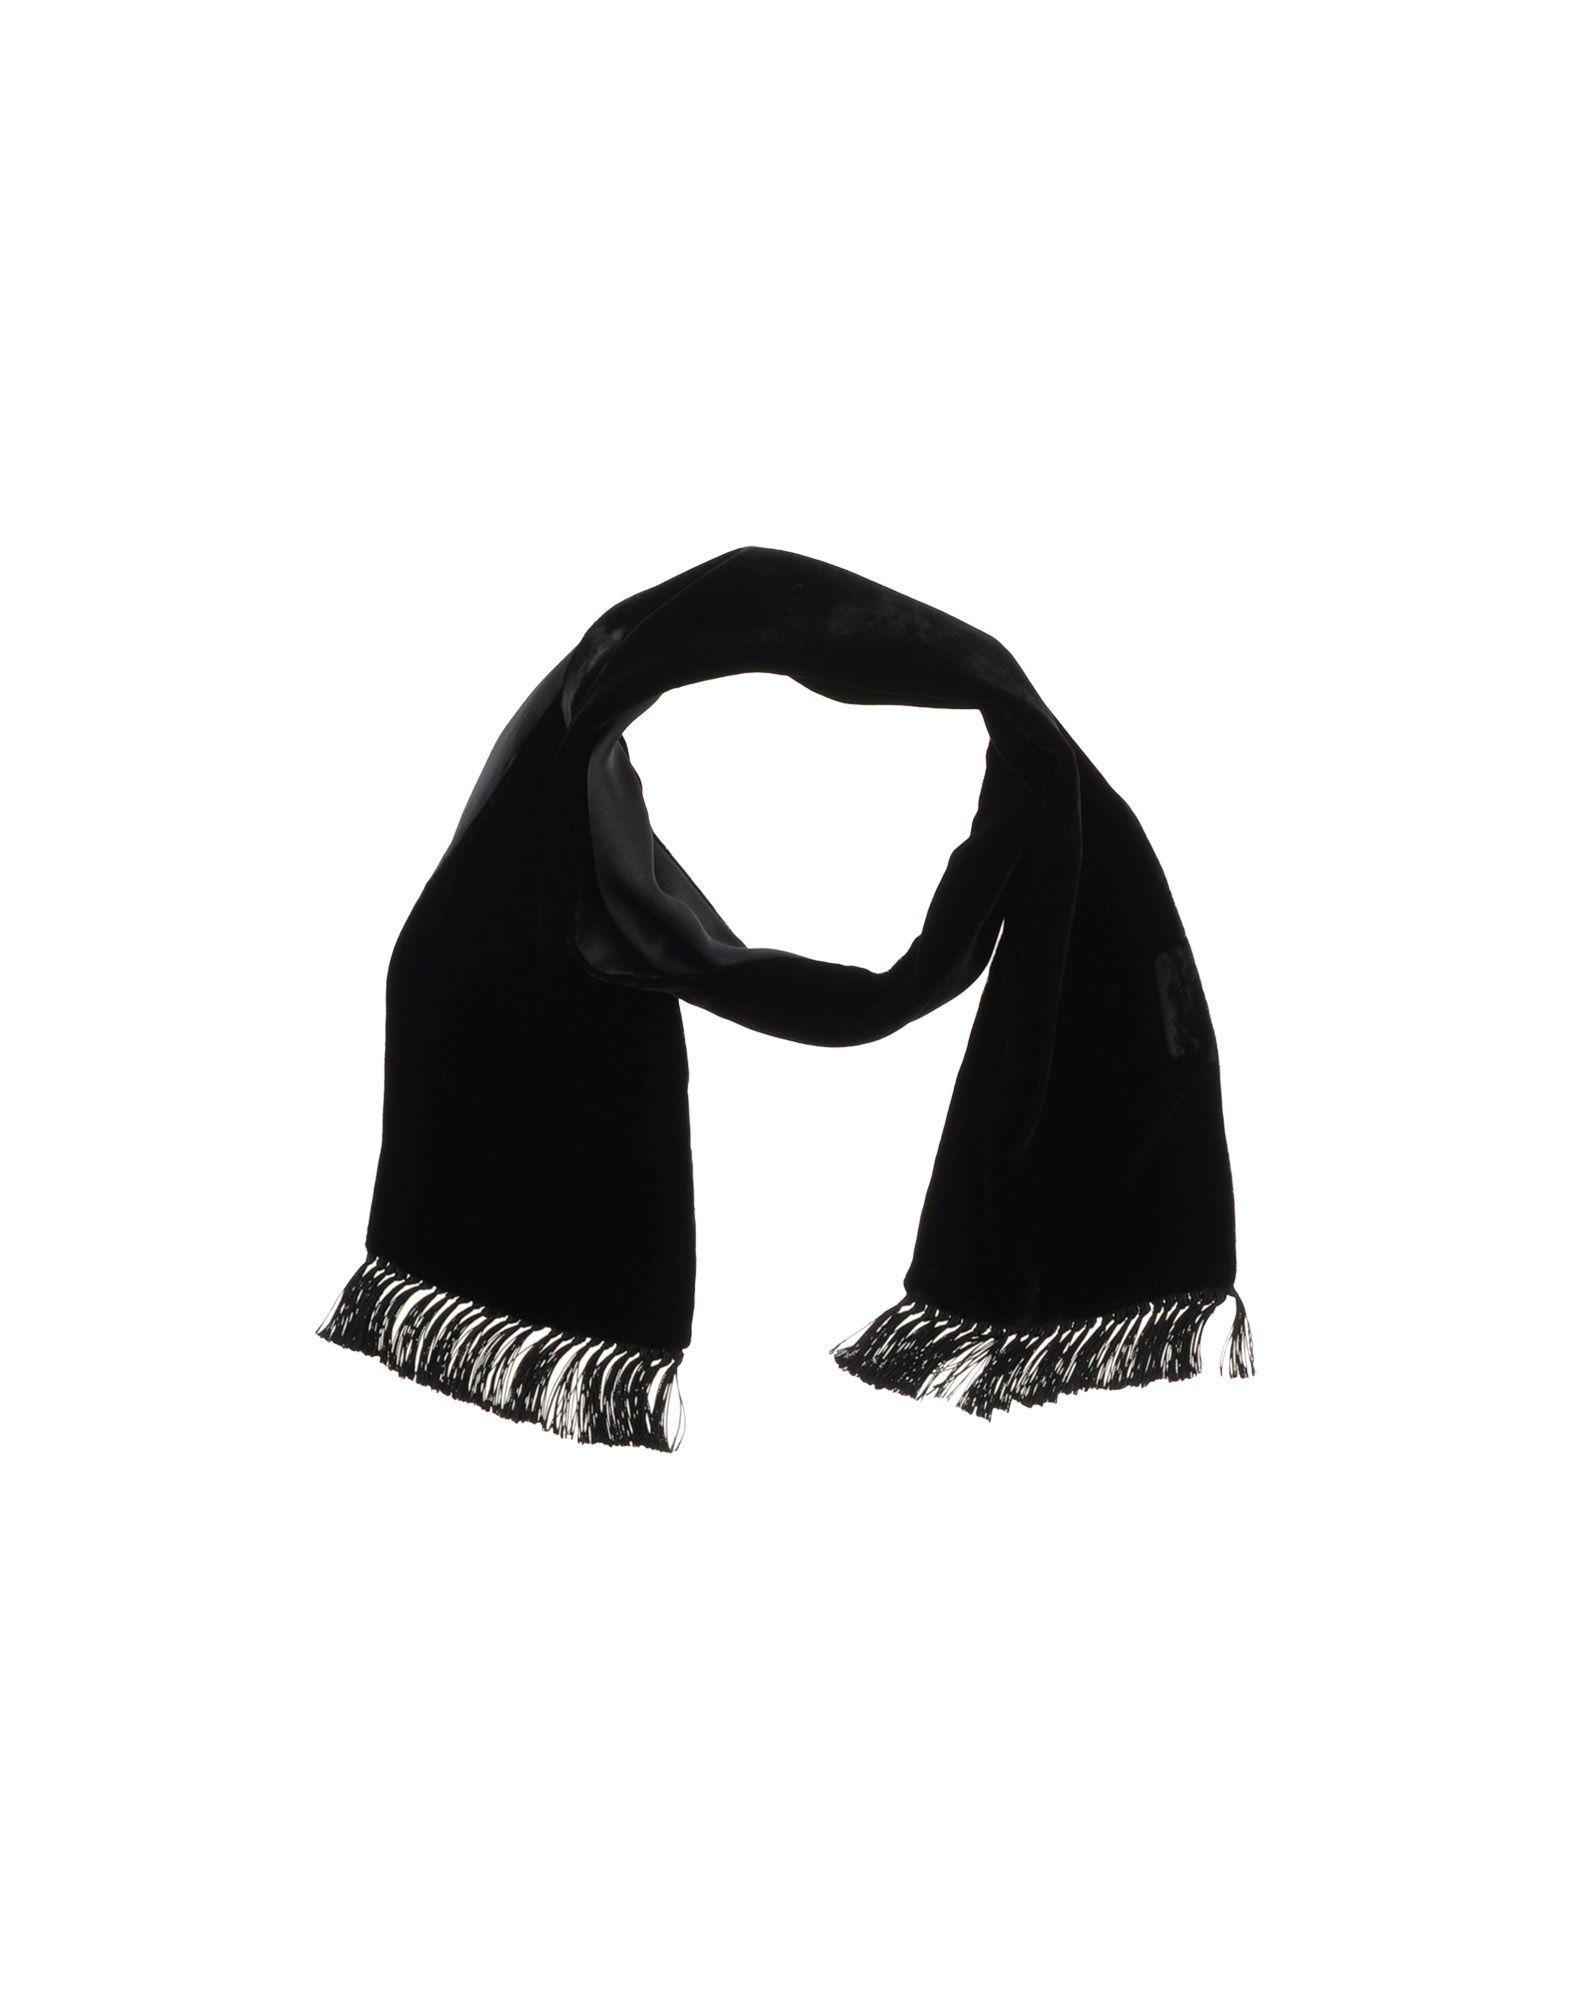 Echarpe noir homme pas cher - Idée pour s habiller 3323fcdb1c9